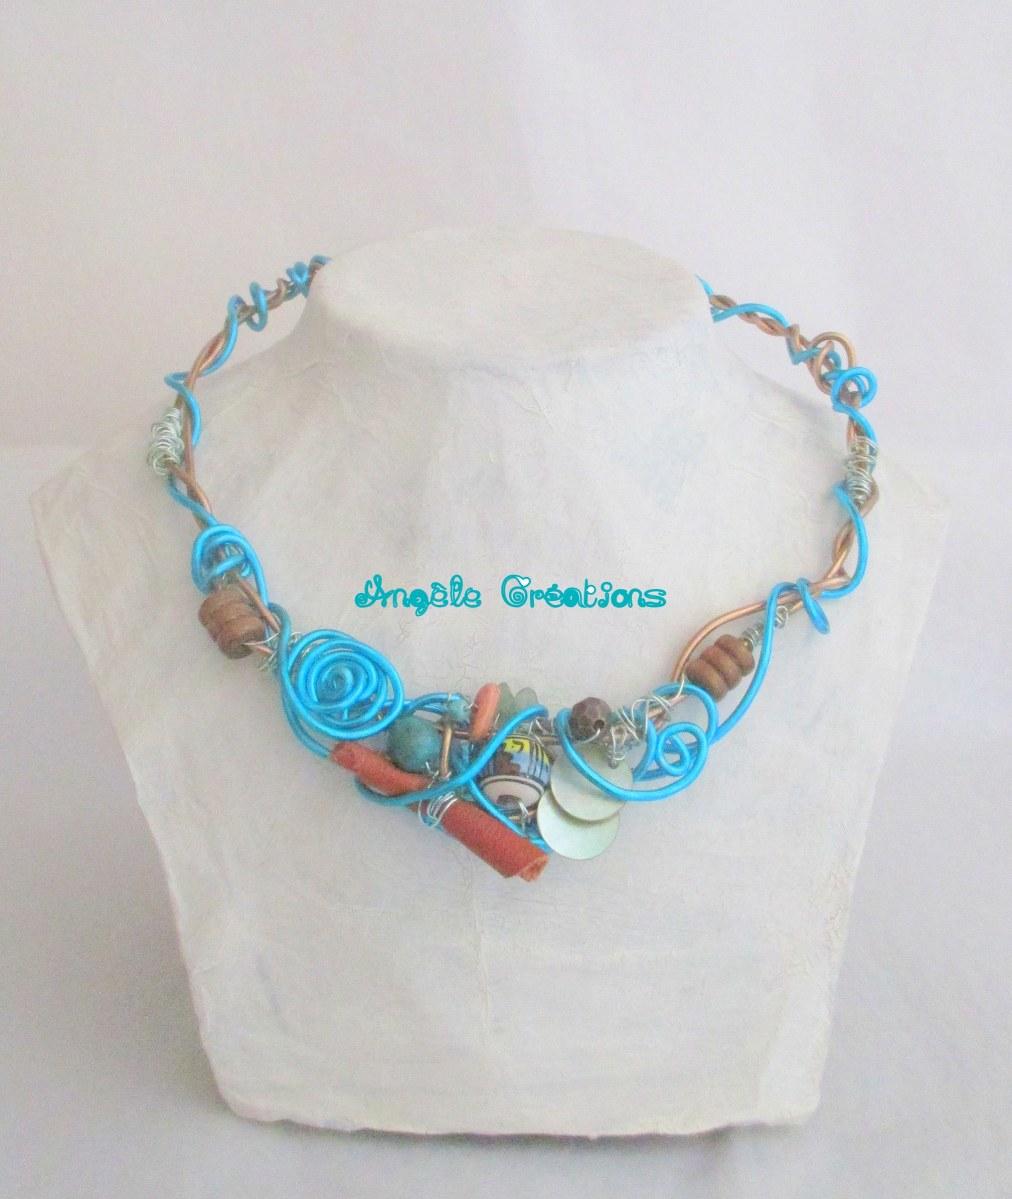 collier d'accessoires divers bleu turquise